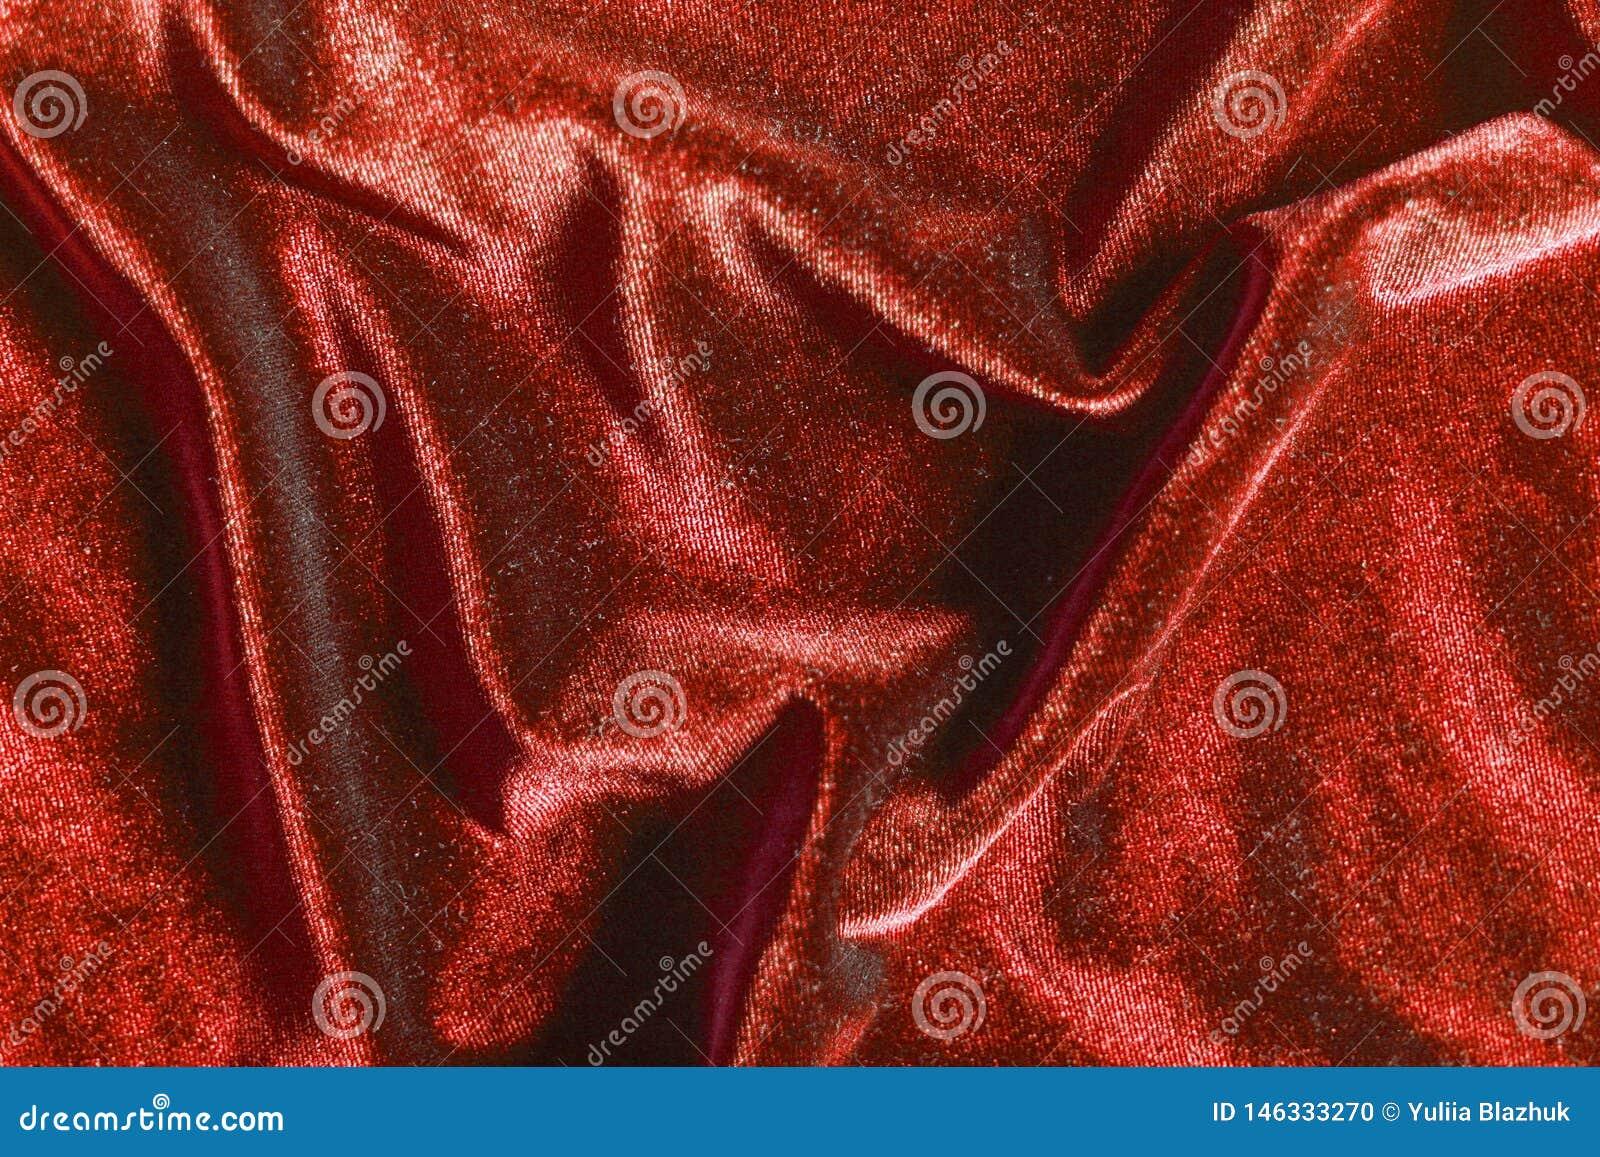 Red velvet folds texture background